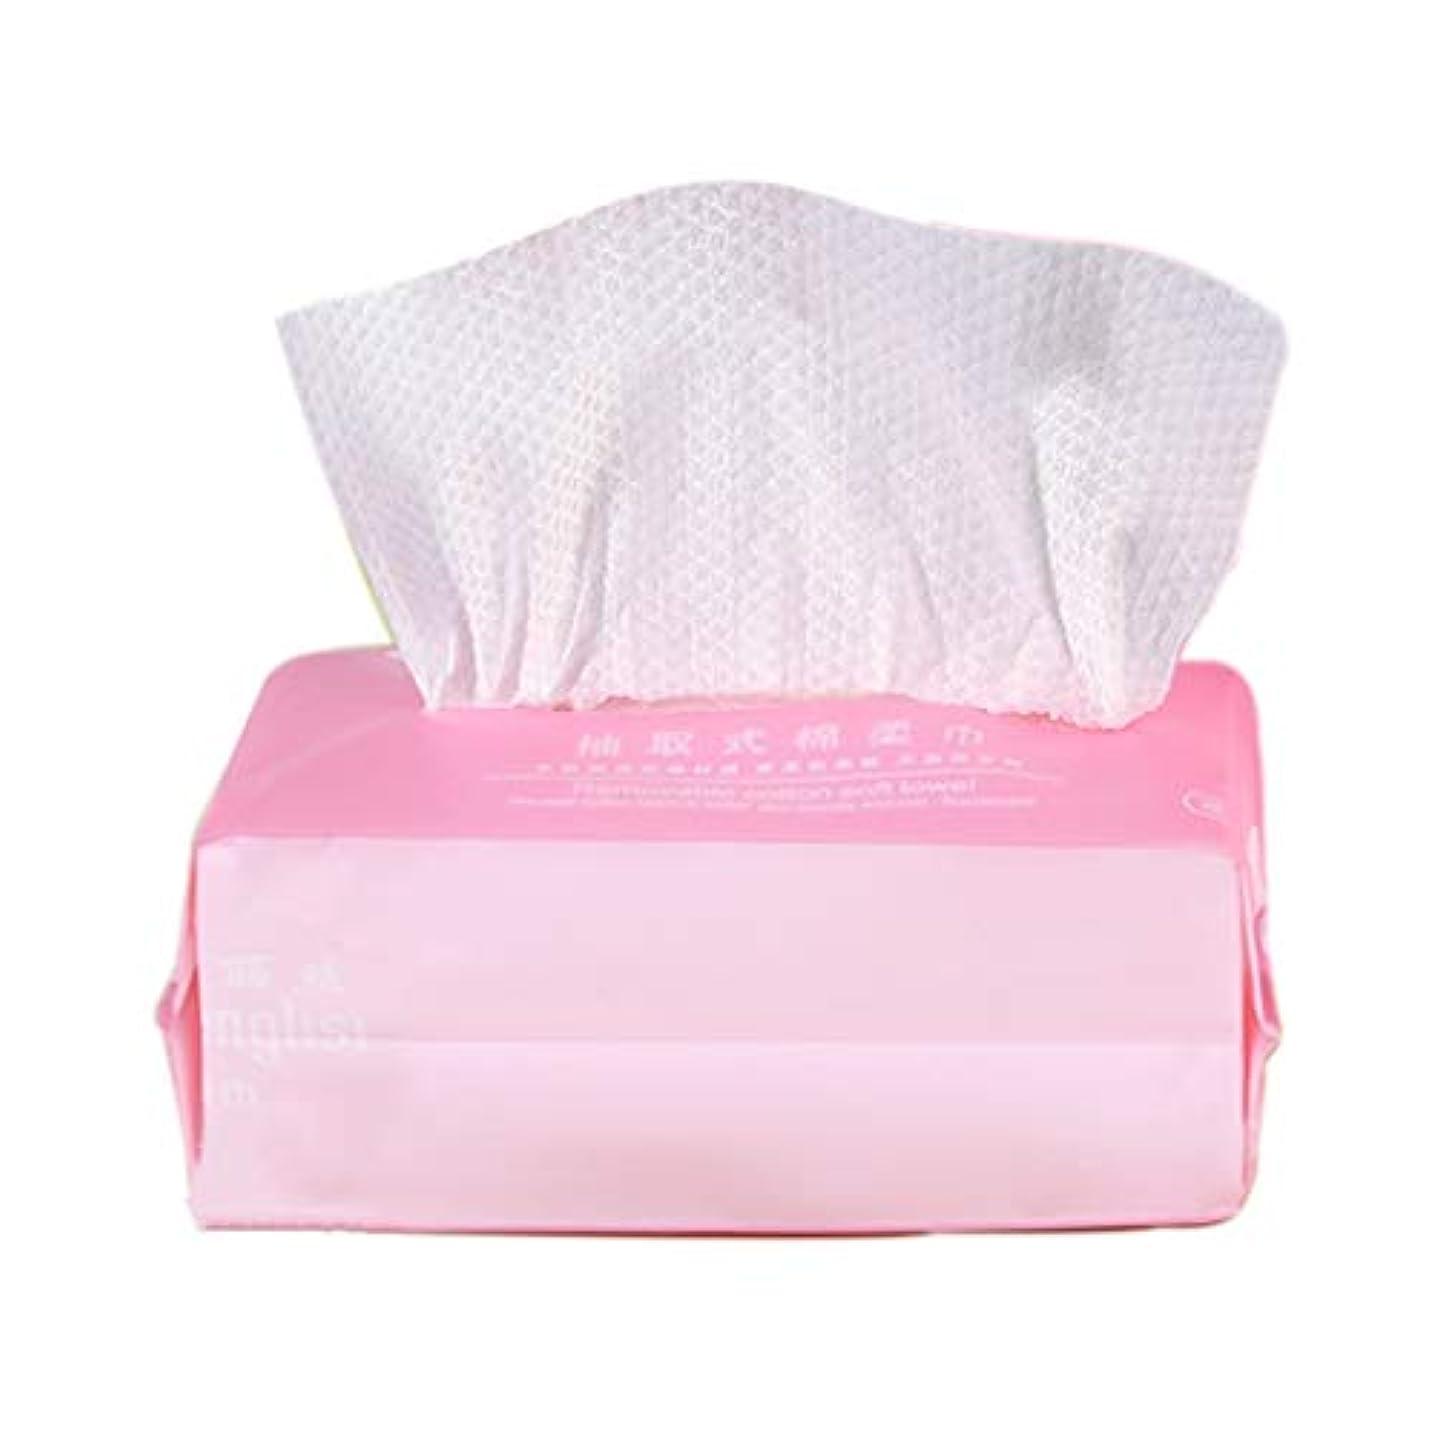 外科医本質的に広まった女性の使い捨てフェイスタオル、美容メイク落としを洗うあなたの顔を乾拭きポータブルアウトドアメイクアップフェイシャルタオル (Color : White)